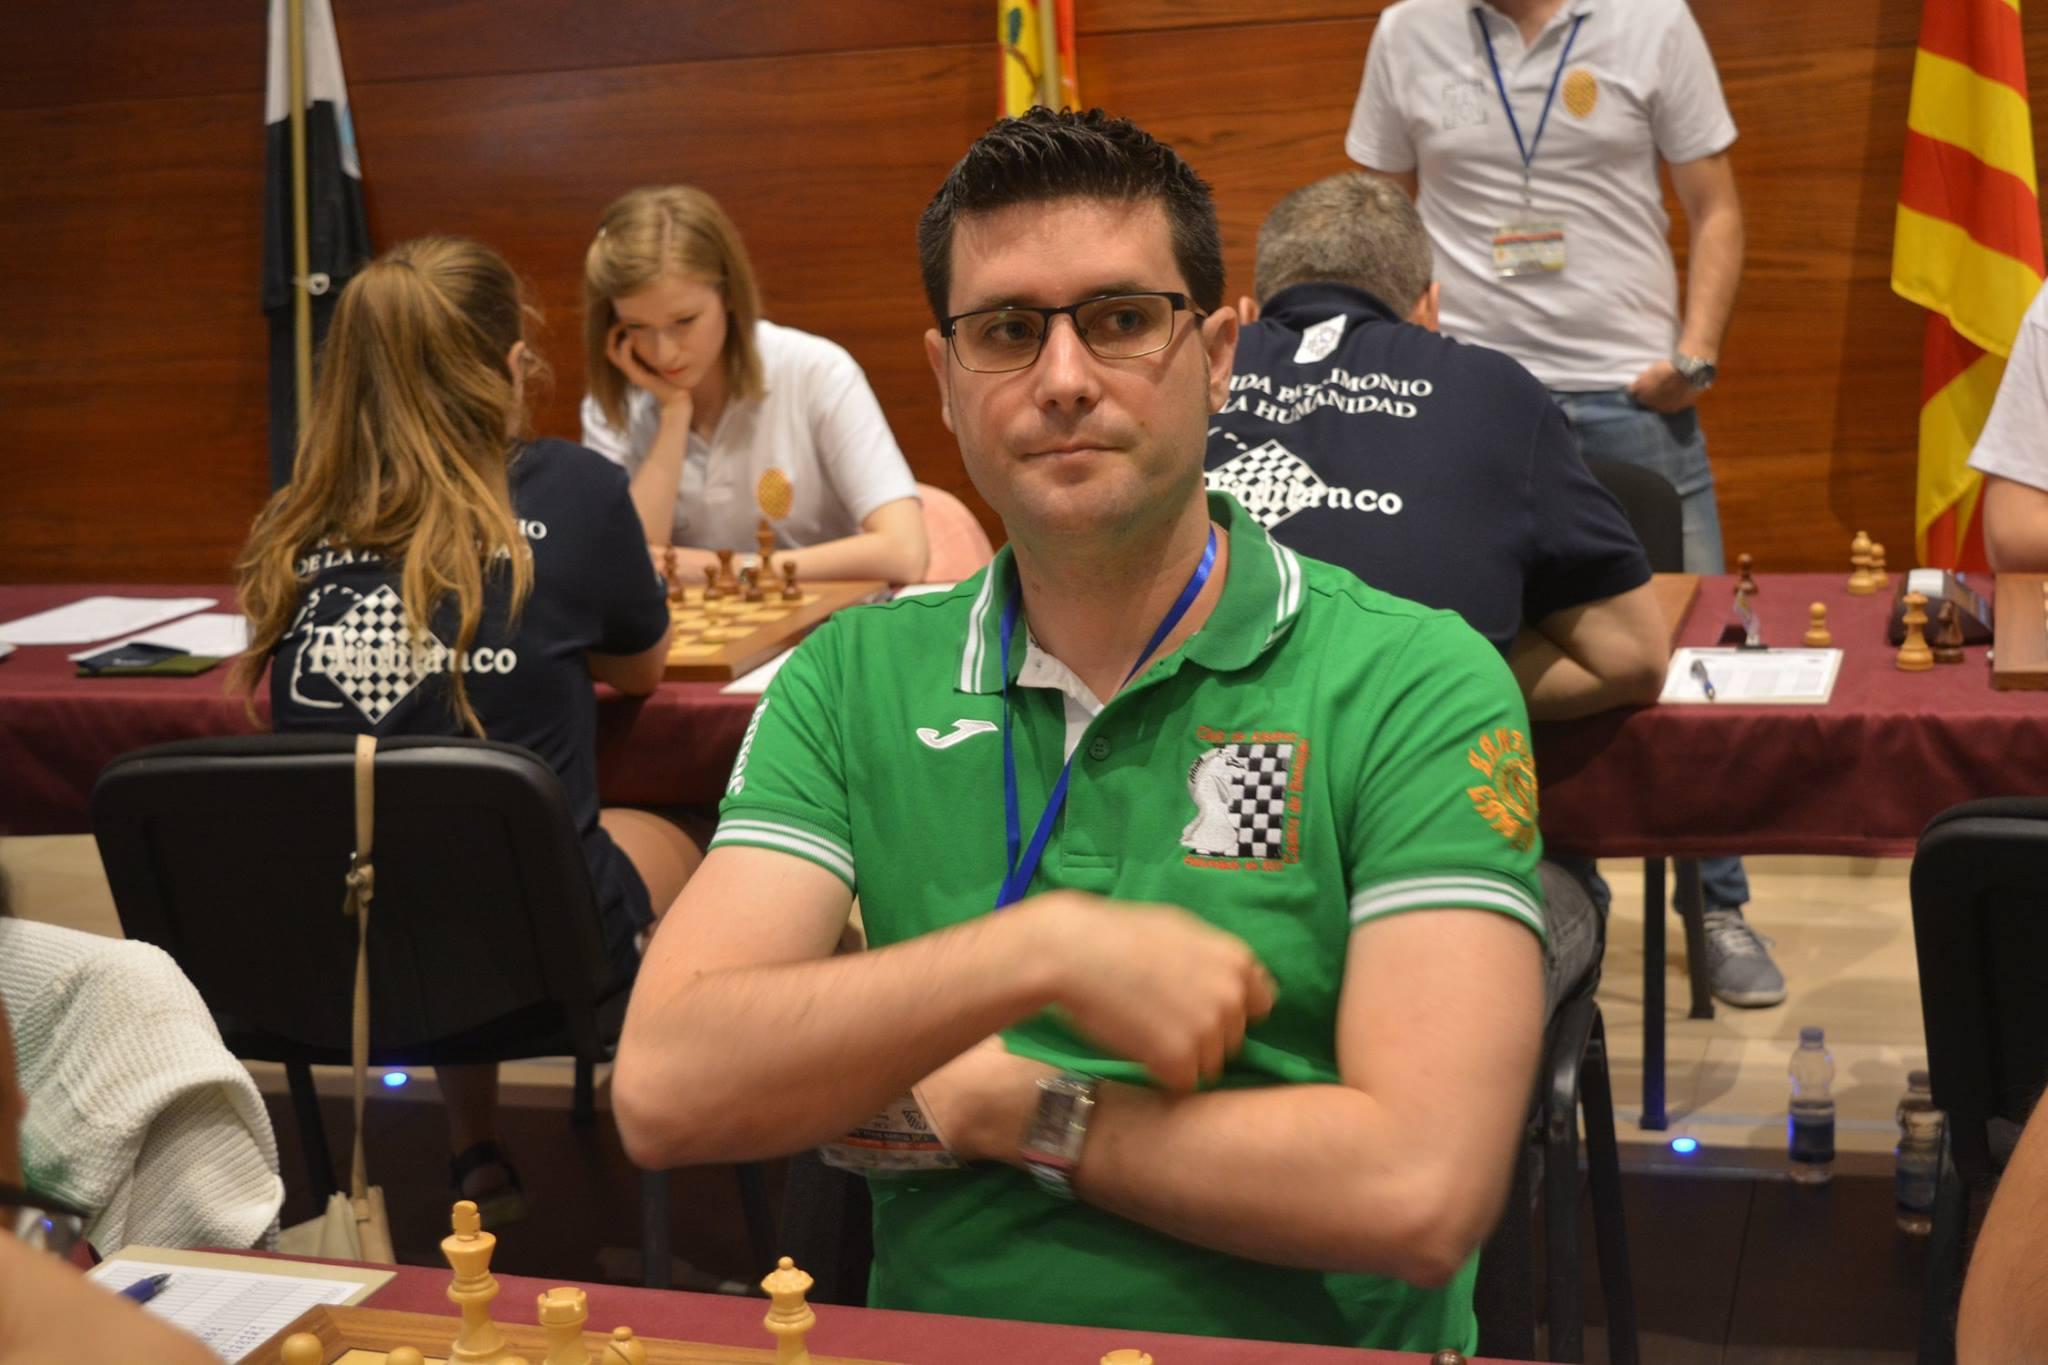 Jose Carlos Ibarra campeón regional Blitz